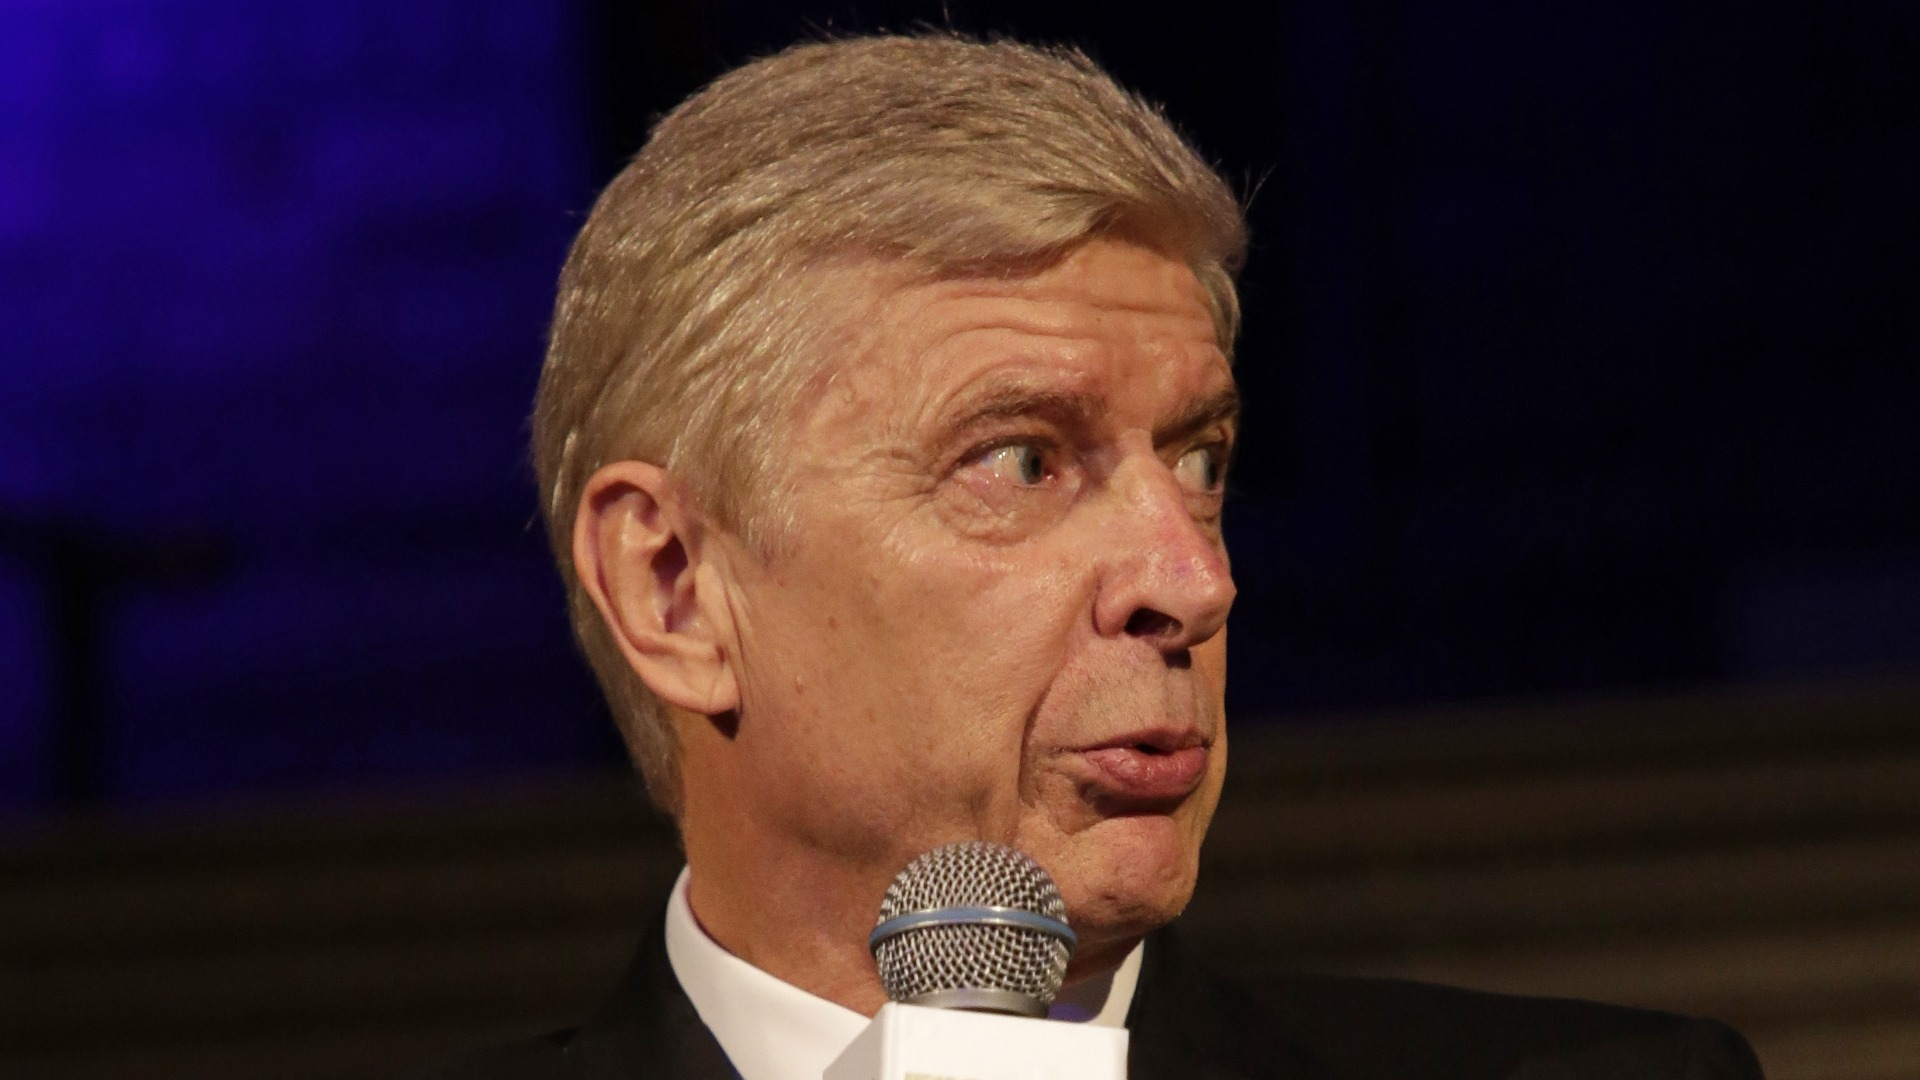 Mercato - Wenger intéresse le Qatar pour prendre la tête de la sélection nationale